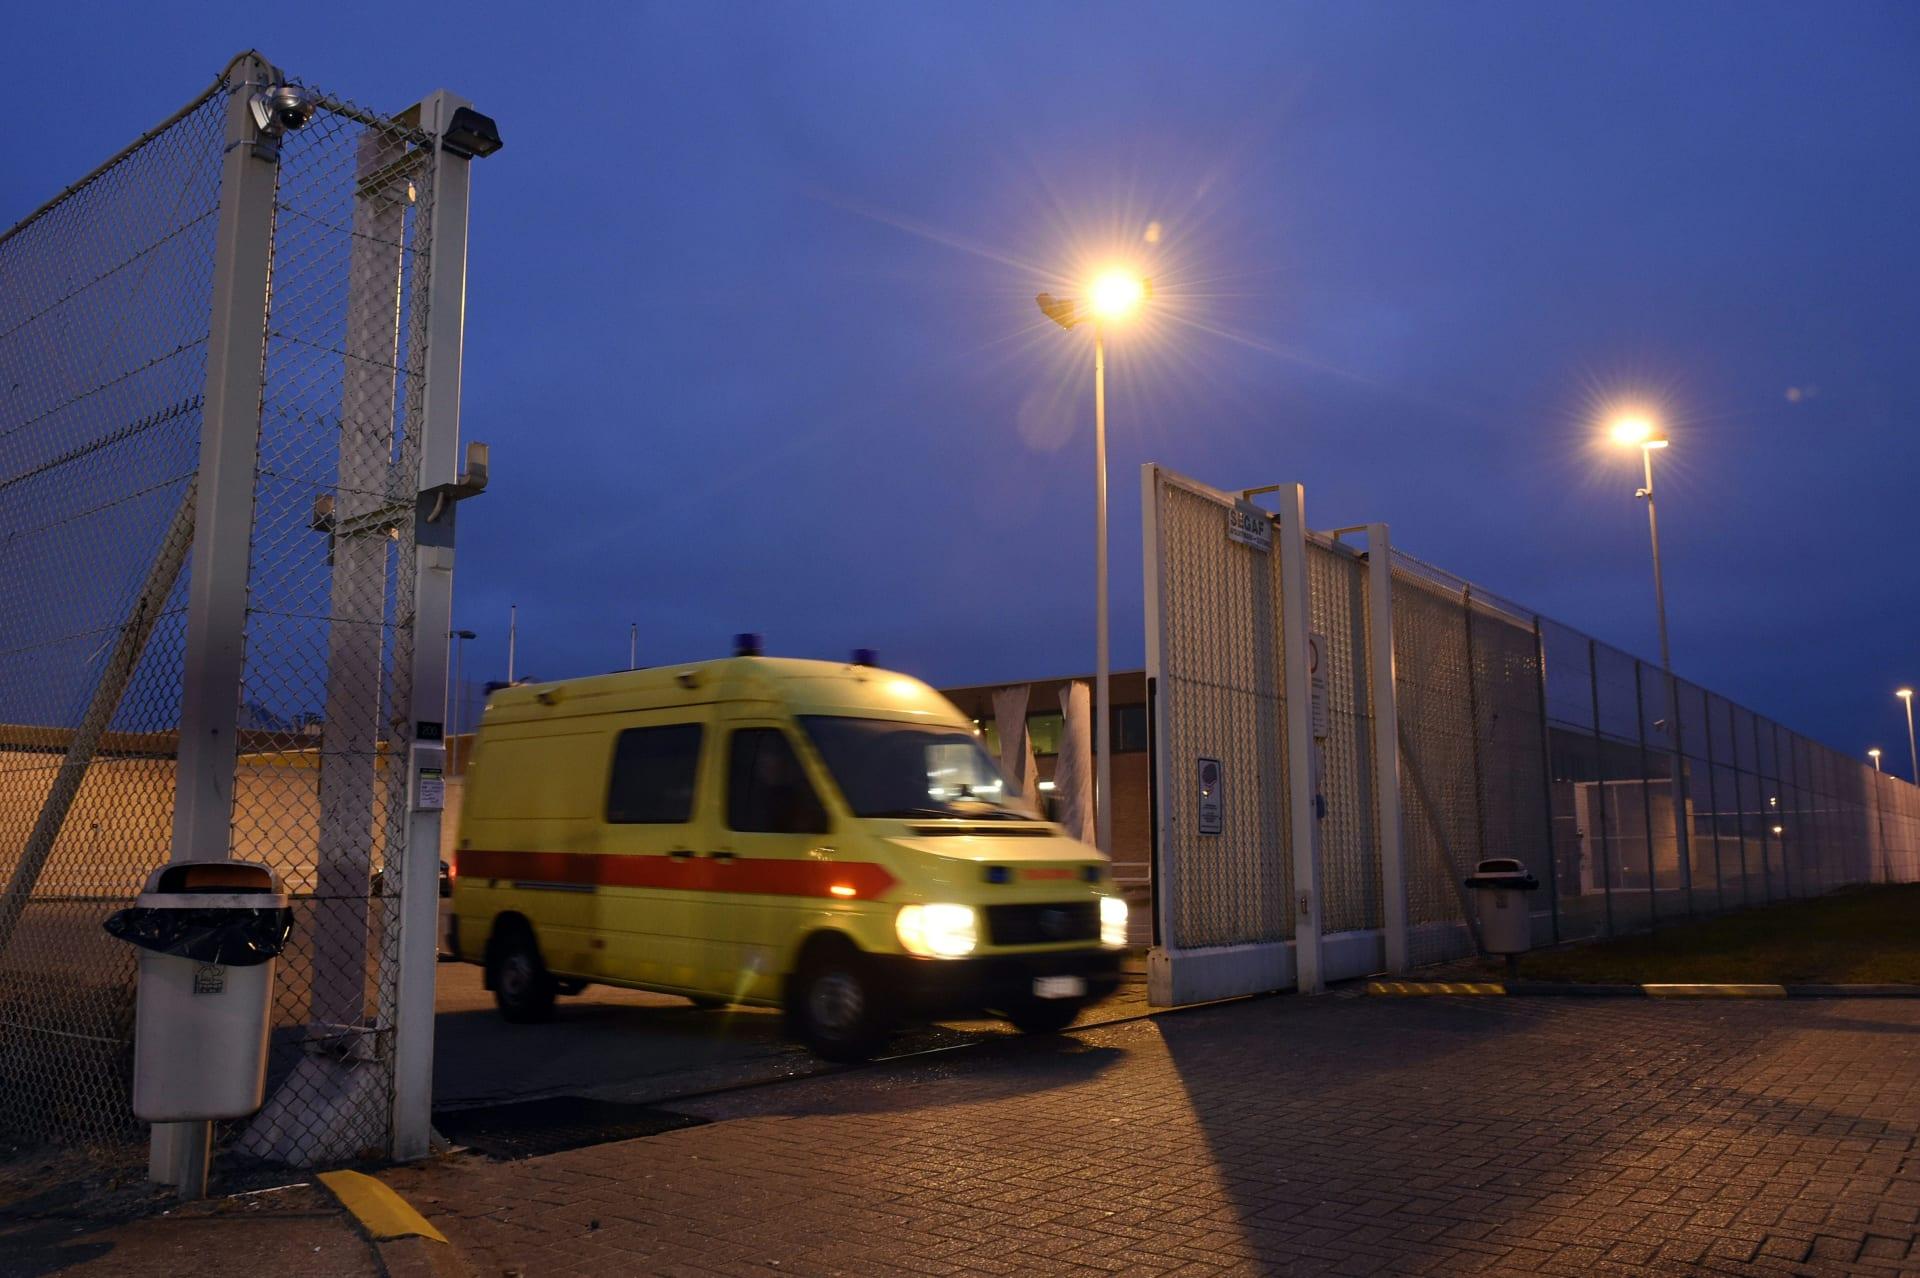 بعد 4 أشهر من ملاحقته.. صلاح عبدالسلام يصل إلى سجن شديد الحراسة في بلجيكا